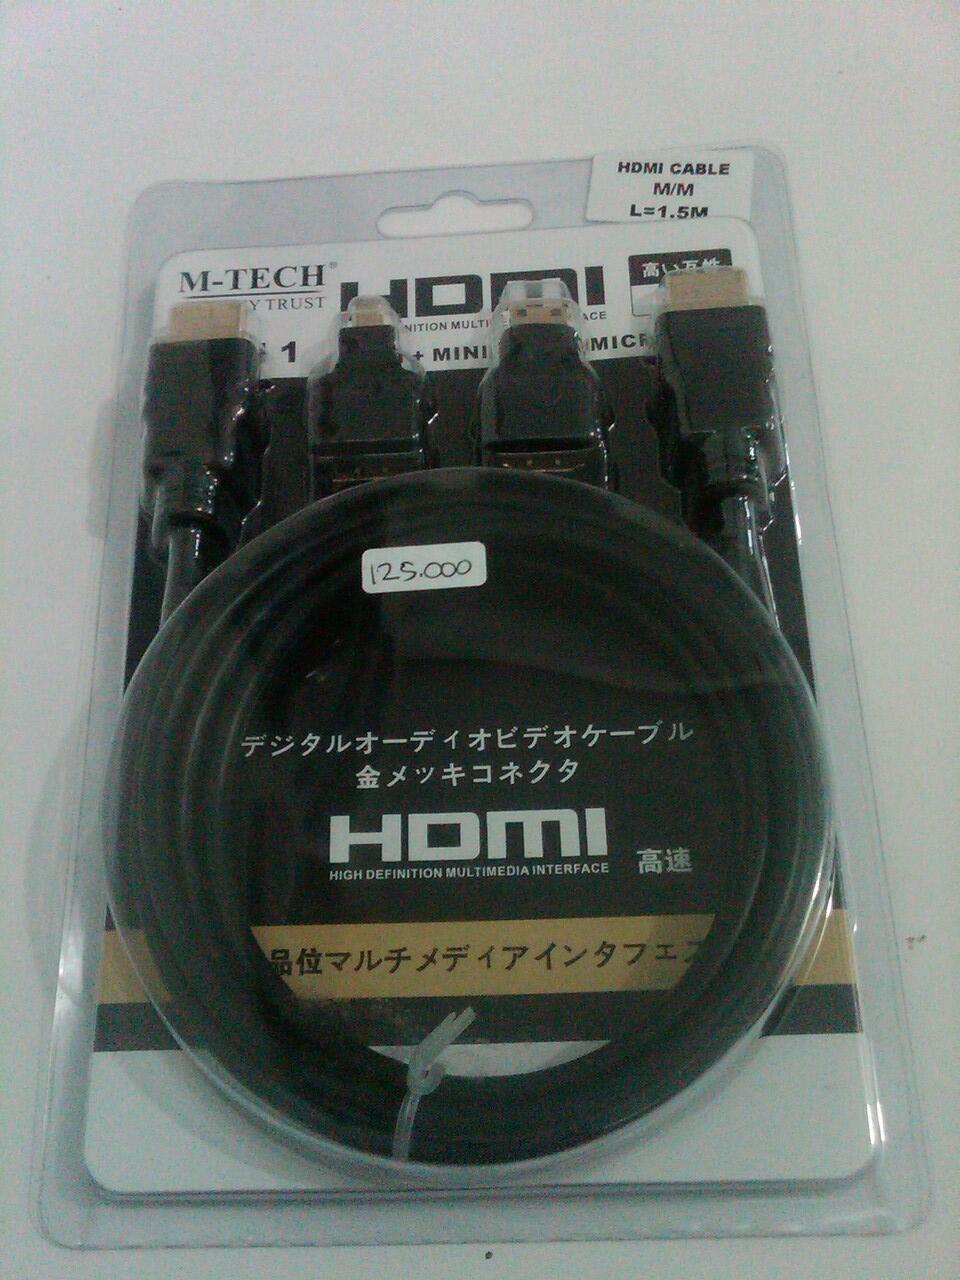 HDMI 3 IN 1 (MINI HDMI , MICRI HDMI , HDMI)